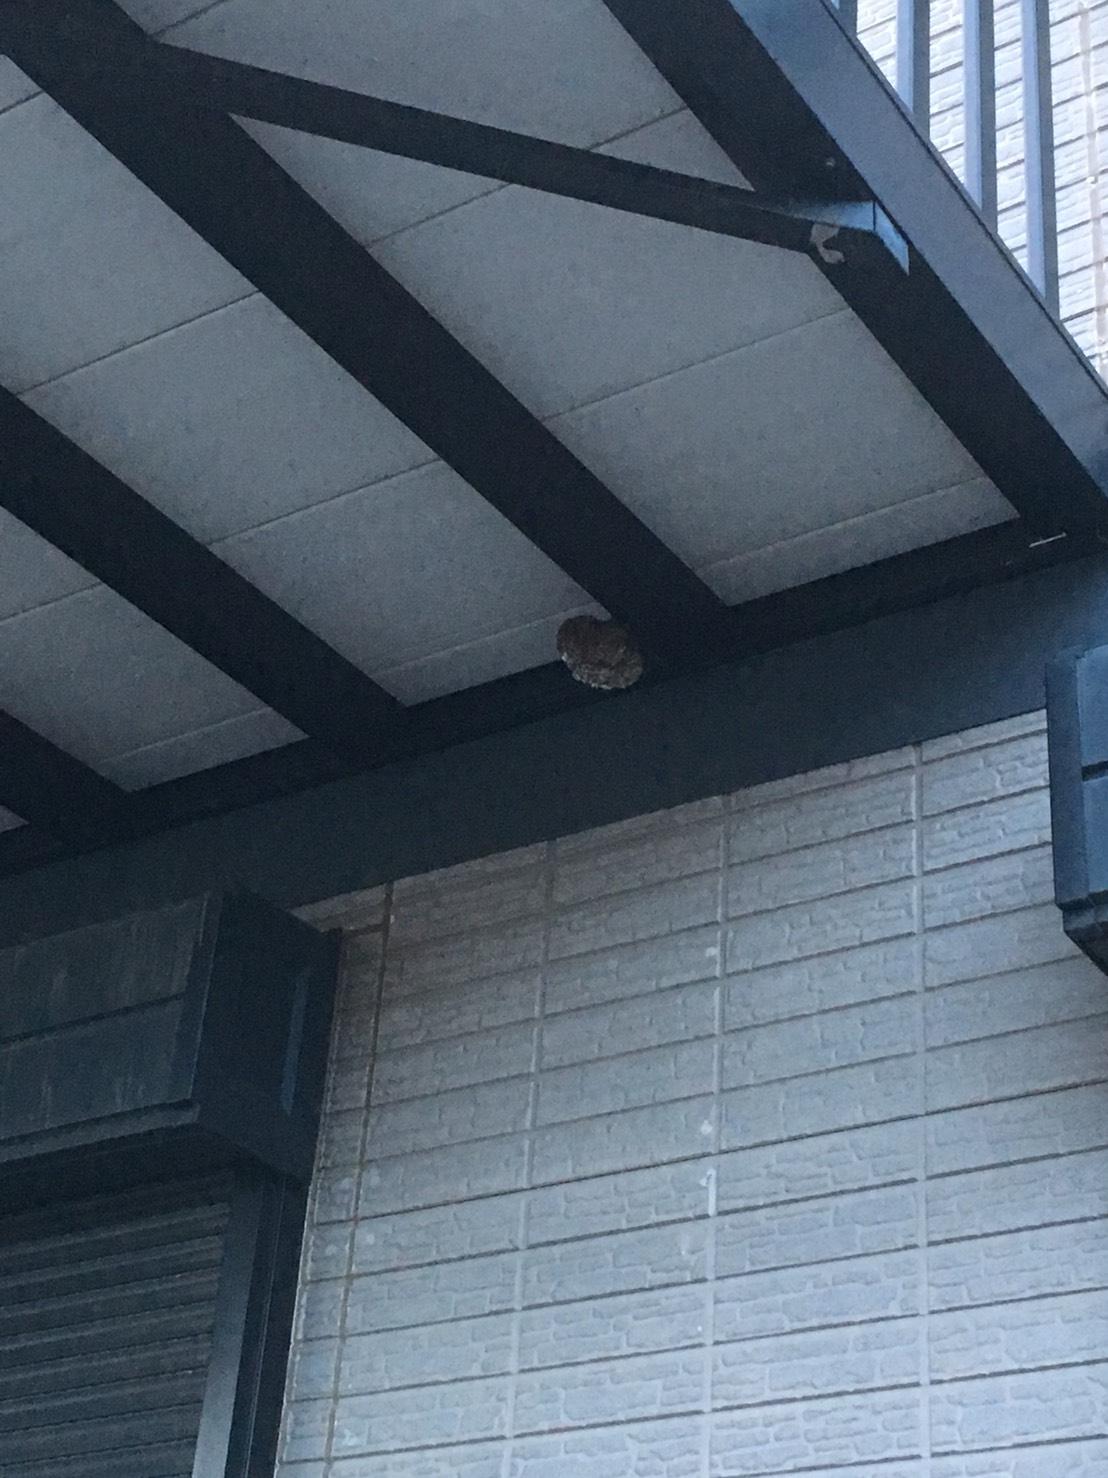 【千葉県柏市つくしが丘】9月7日、アシナガバチの蜂の巣駆除依頼がありました【場所:車庫の上】